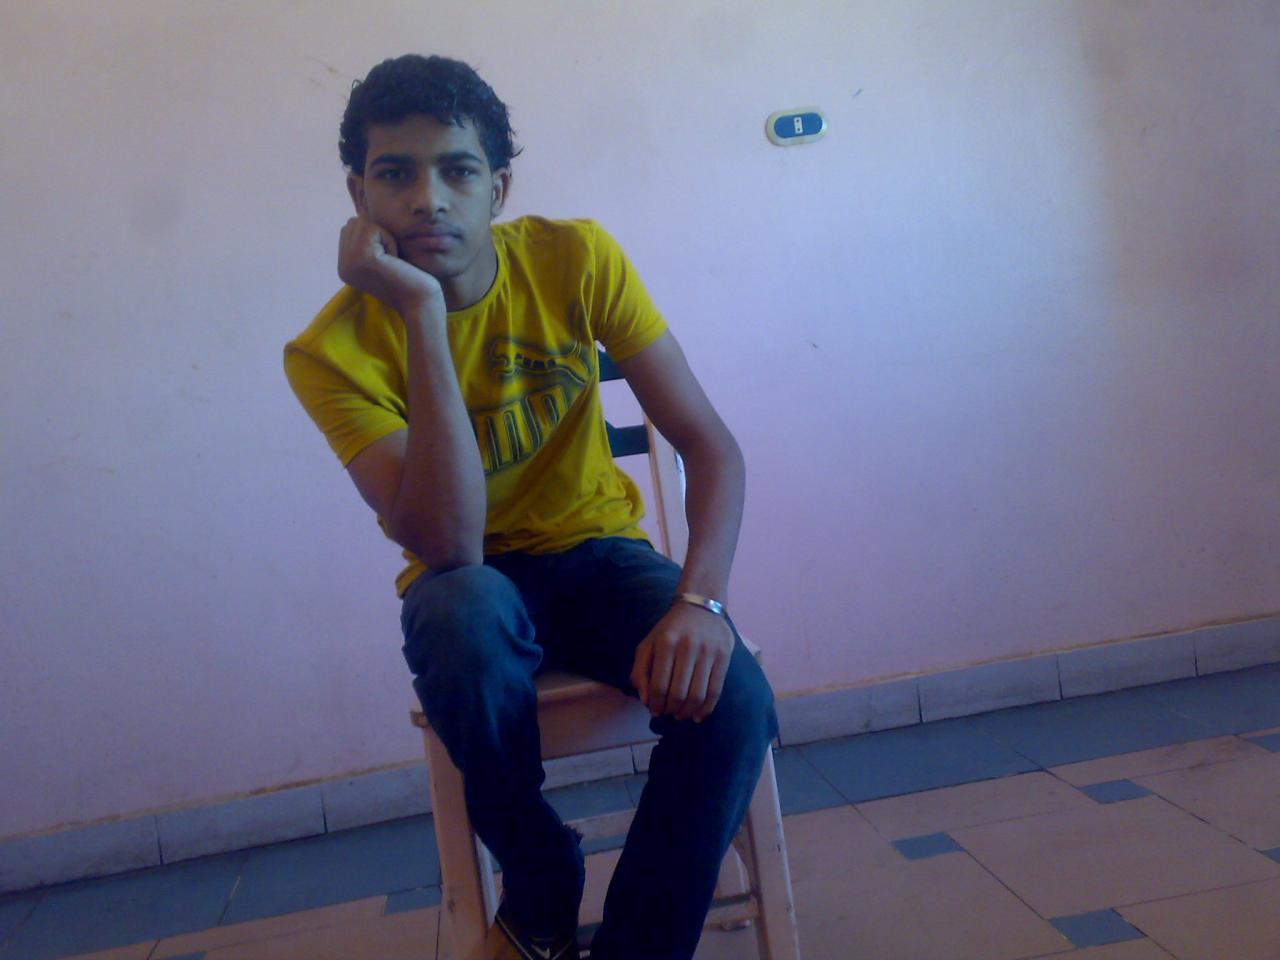 صور صور شباب مصر , مميزات شباب مصر بالصور